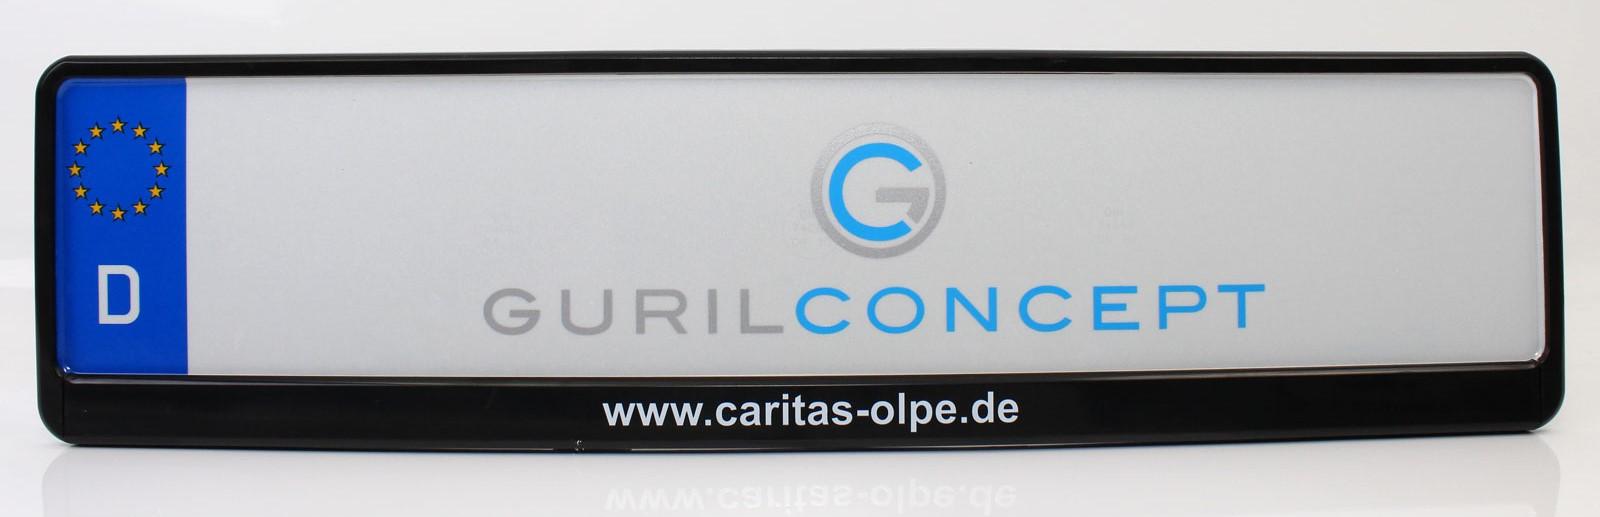 Bedruckte Firmen- und Unternehmens Kennzeichenhalterung (Caritas Olpe)